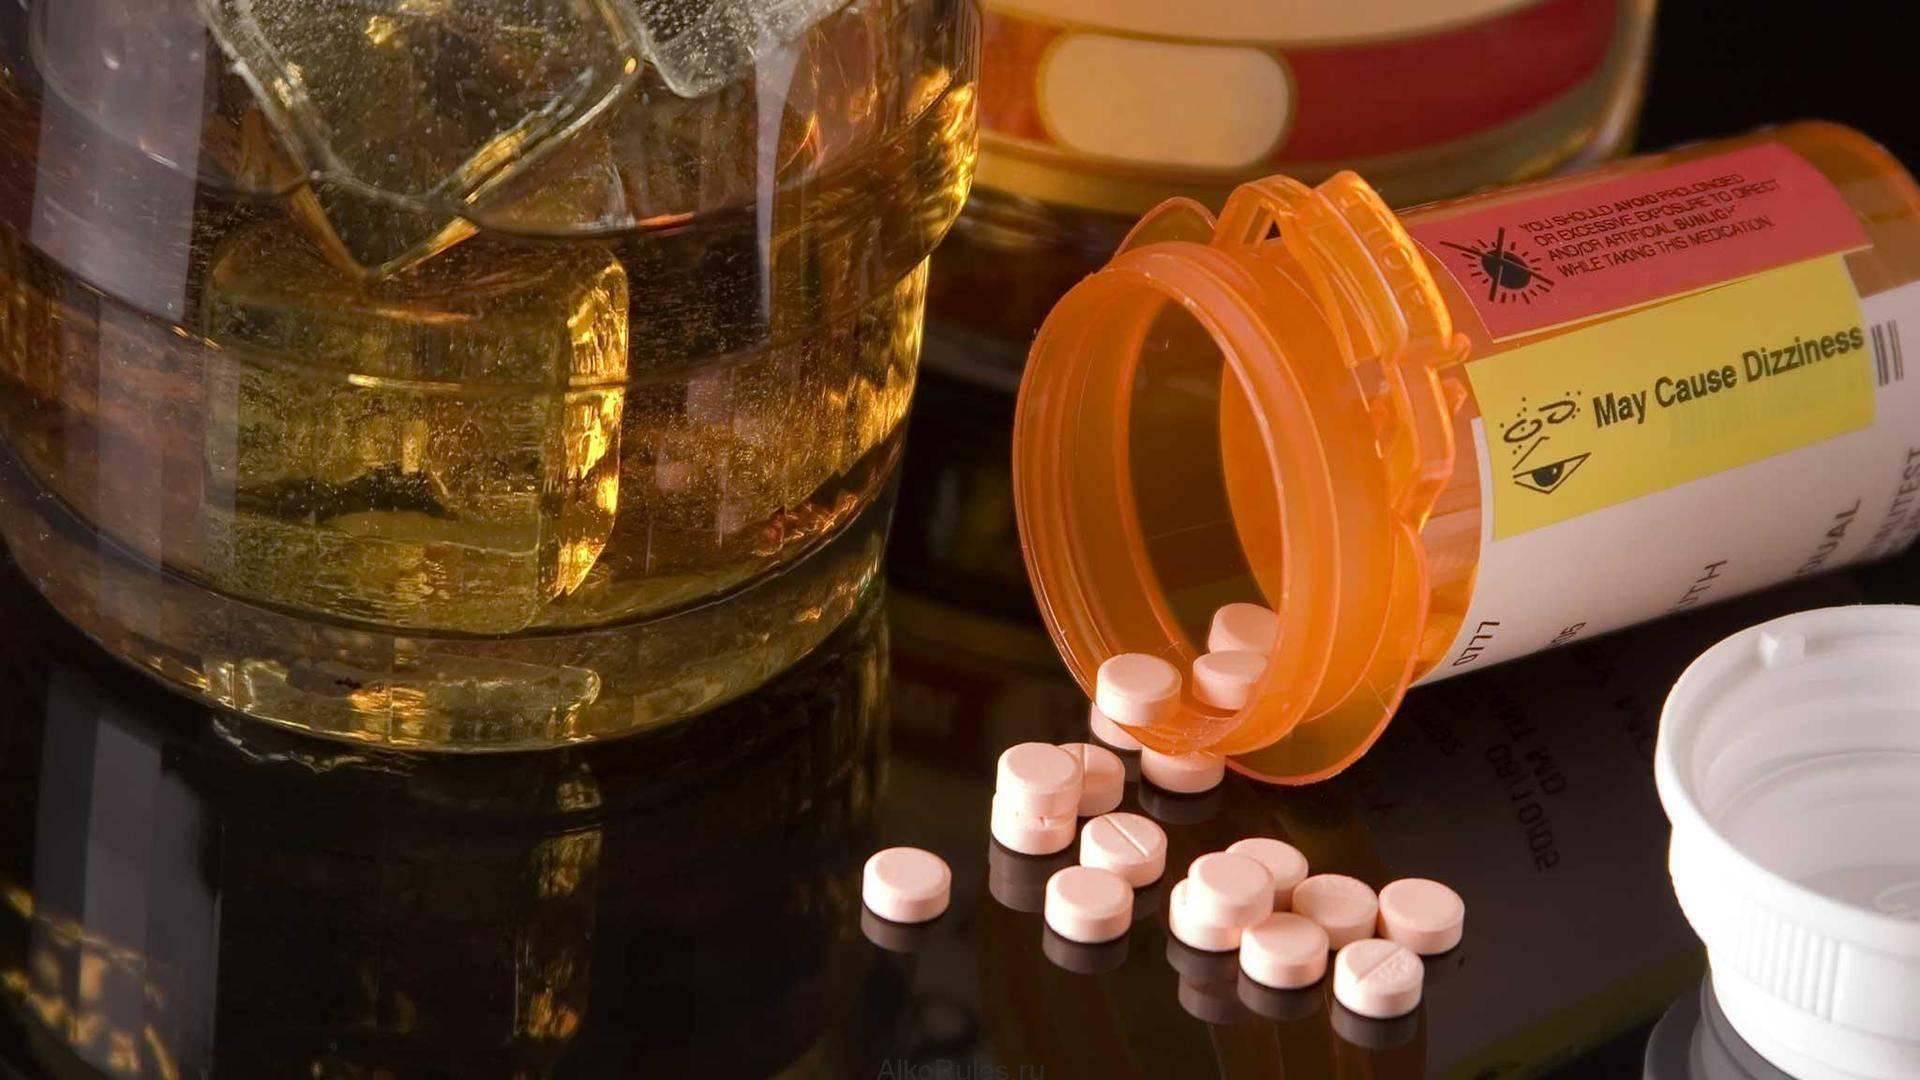 Алкоголь и обезболивающие препараты, совместимость, можно ли пить обезболивающие таблетки с алкоголем - вся медицина